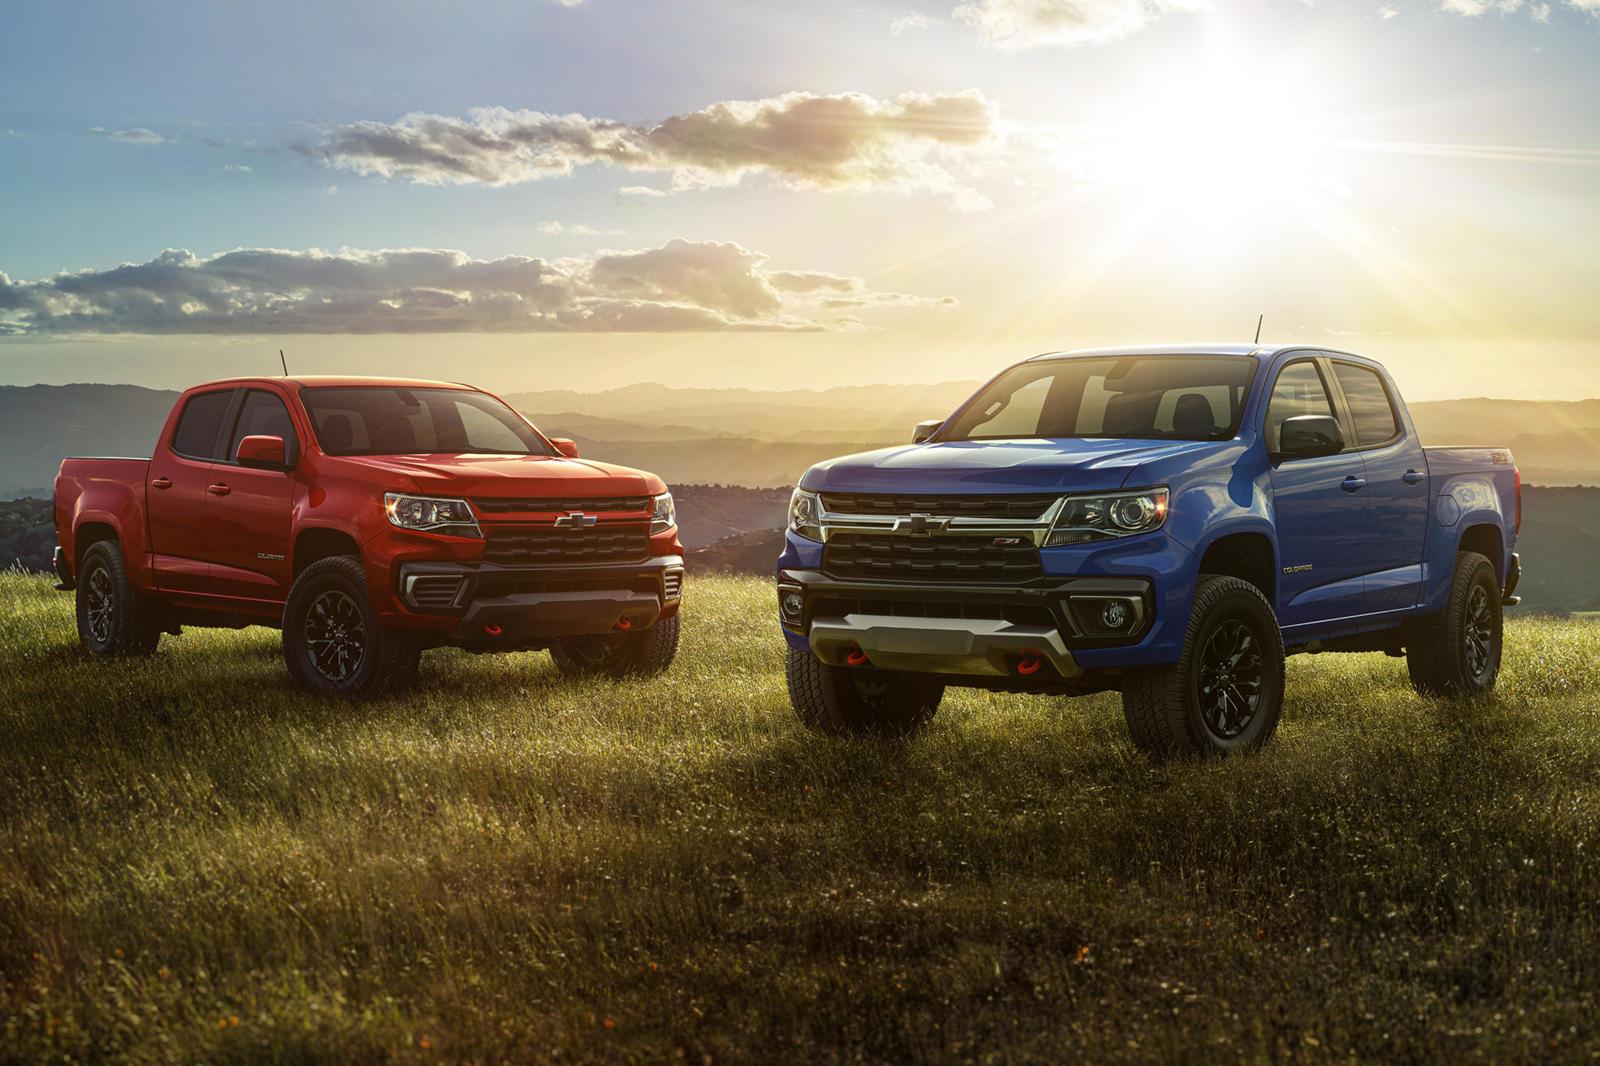 Косметические улучшения распространяются на эмблемы Colorado и Chevrolet в виде галстука-бабочки черного цвета, удаление передней воздушной заслонки и красные передние буксировочные крюки. Нам были показаны только передняя и боковые стороны автомобил